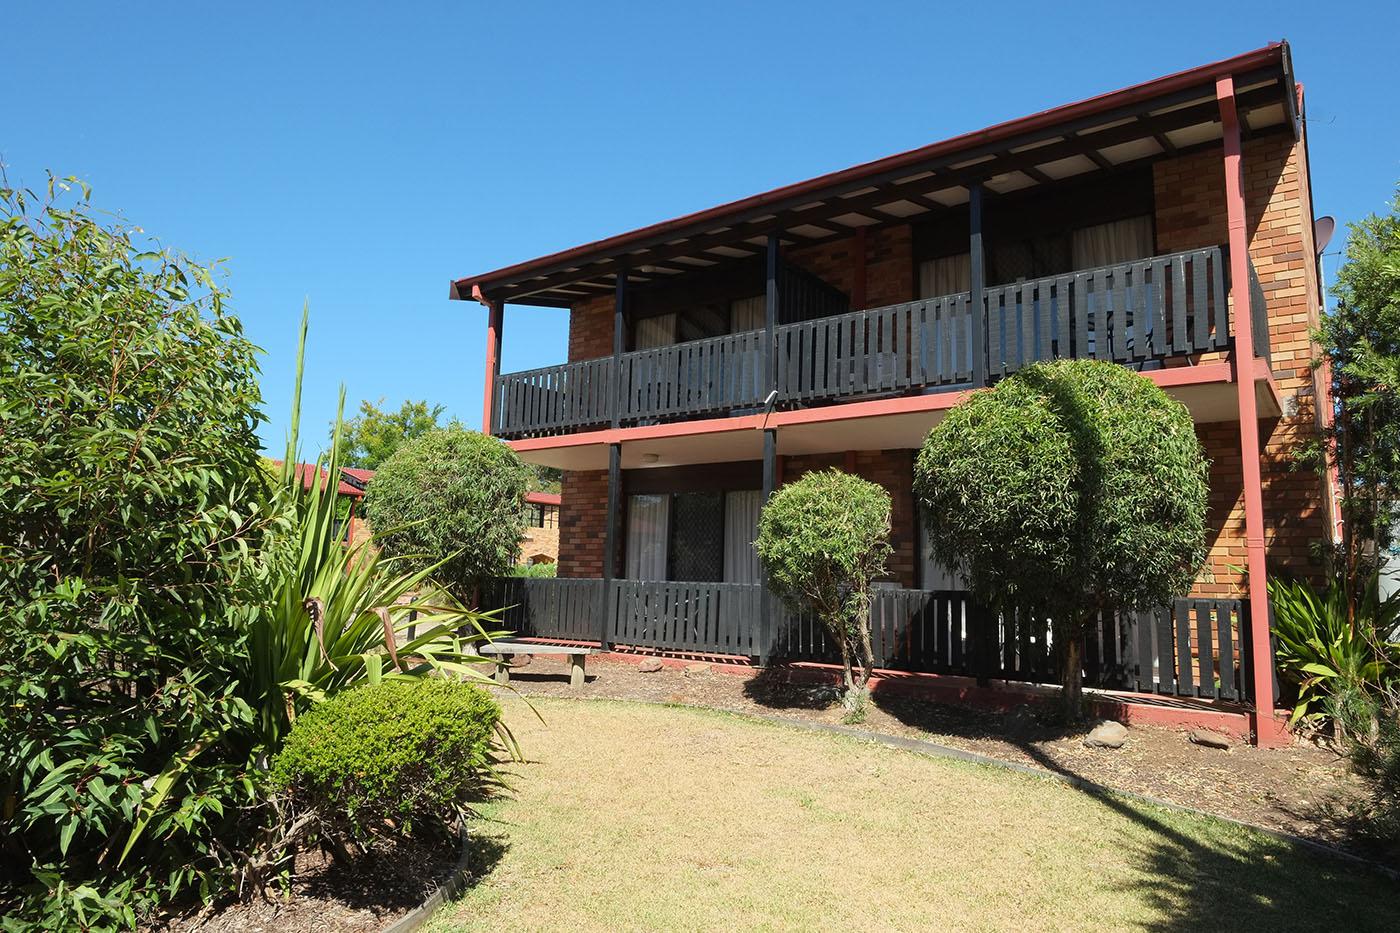 Maclin Lodge Outdoor